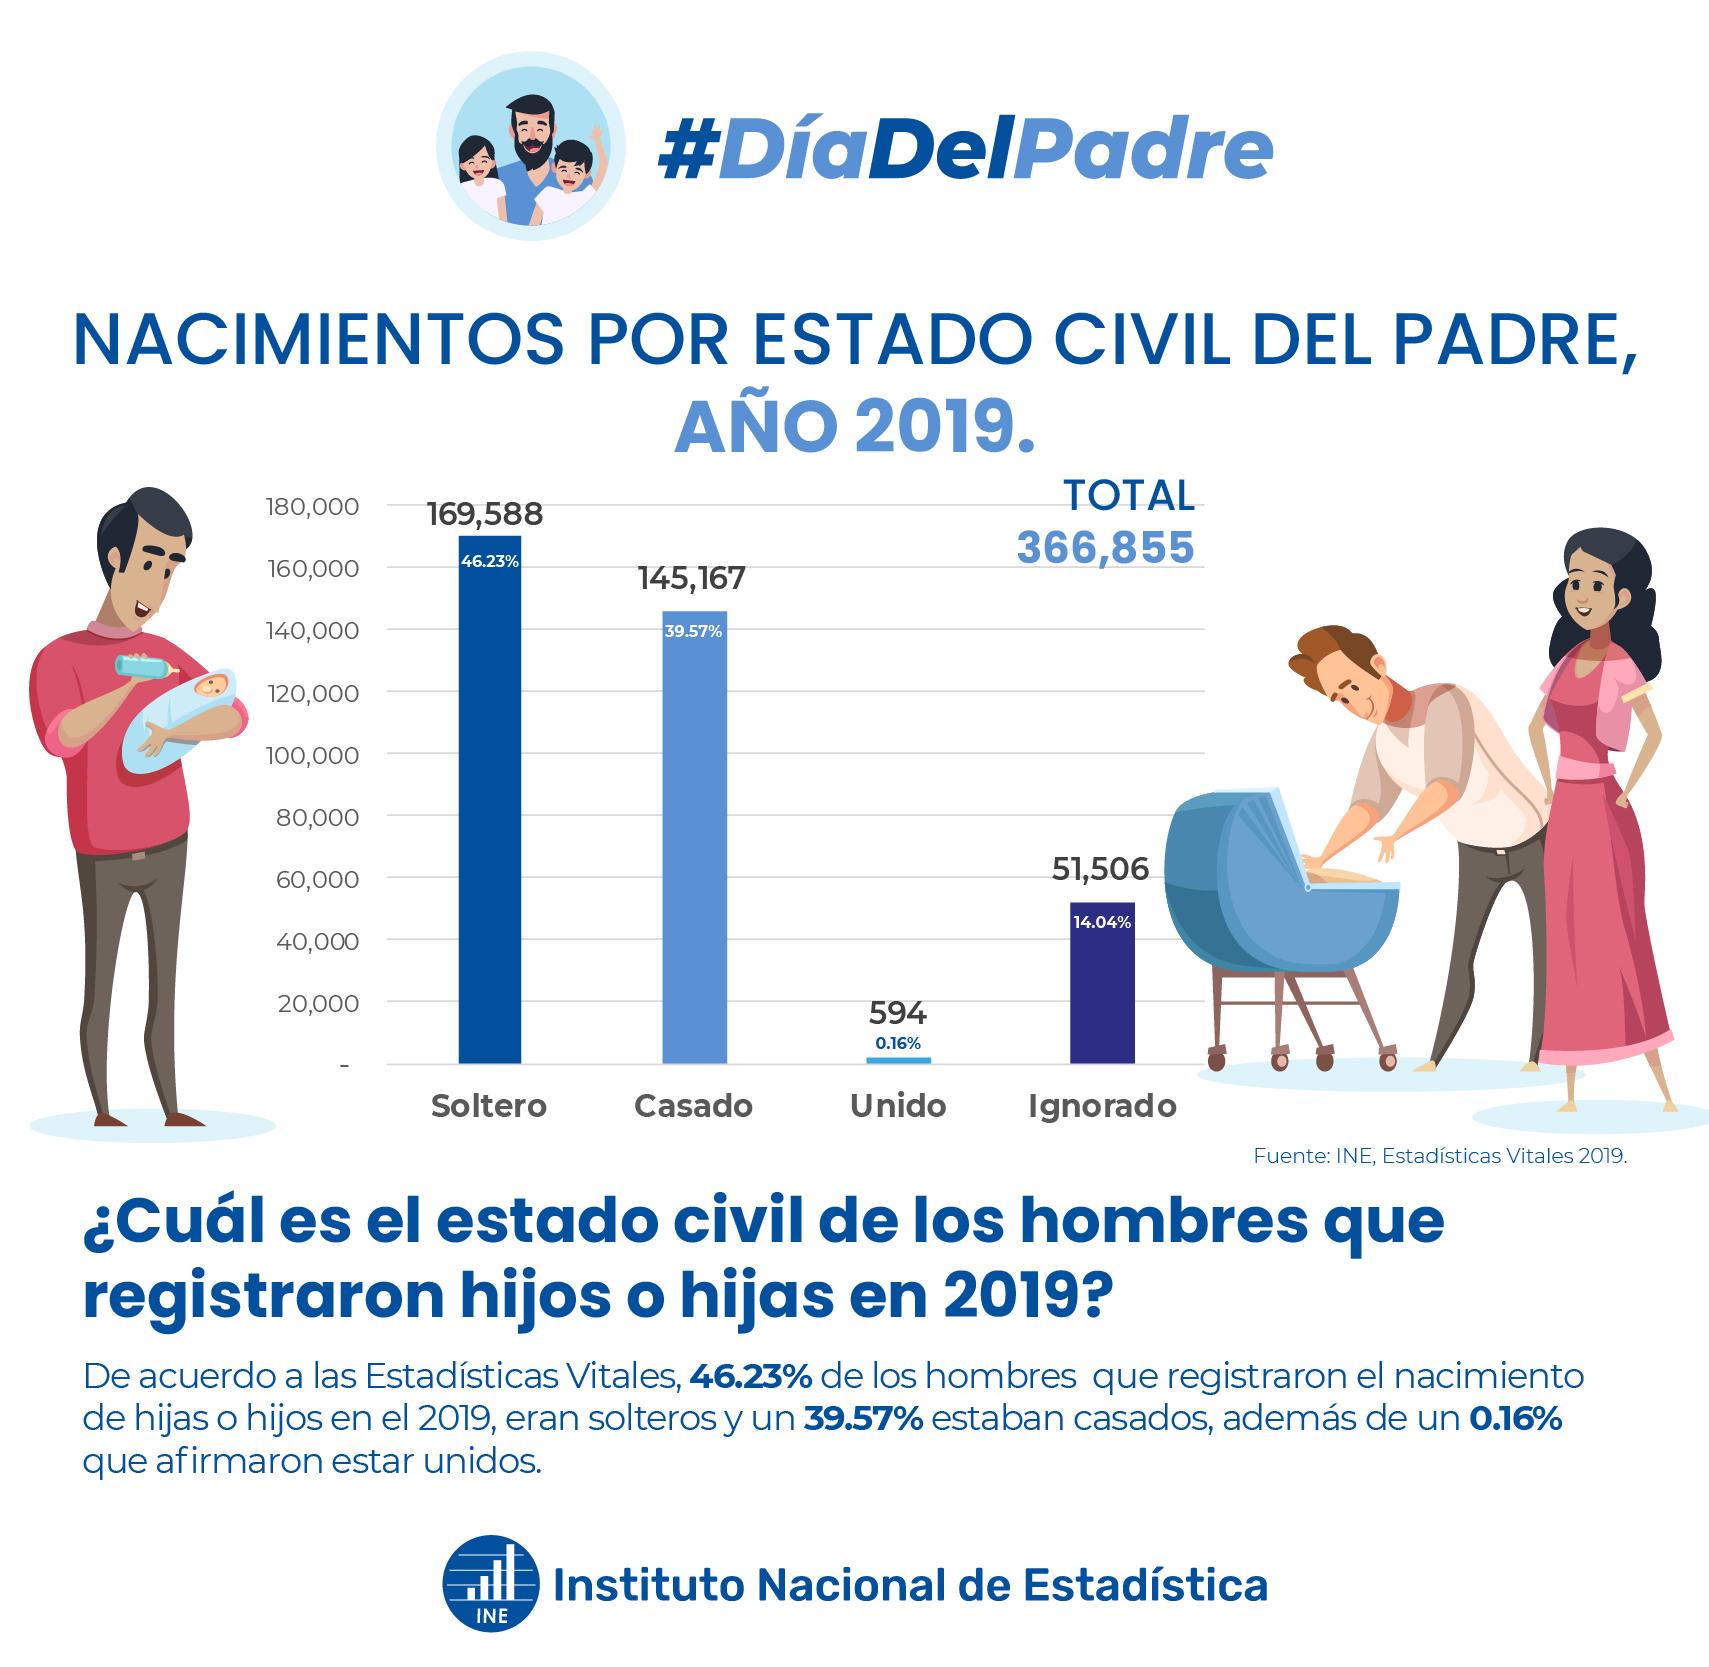 Nacimientos por estado civil del padre año 2019